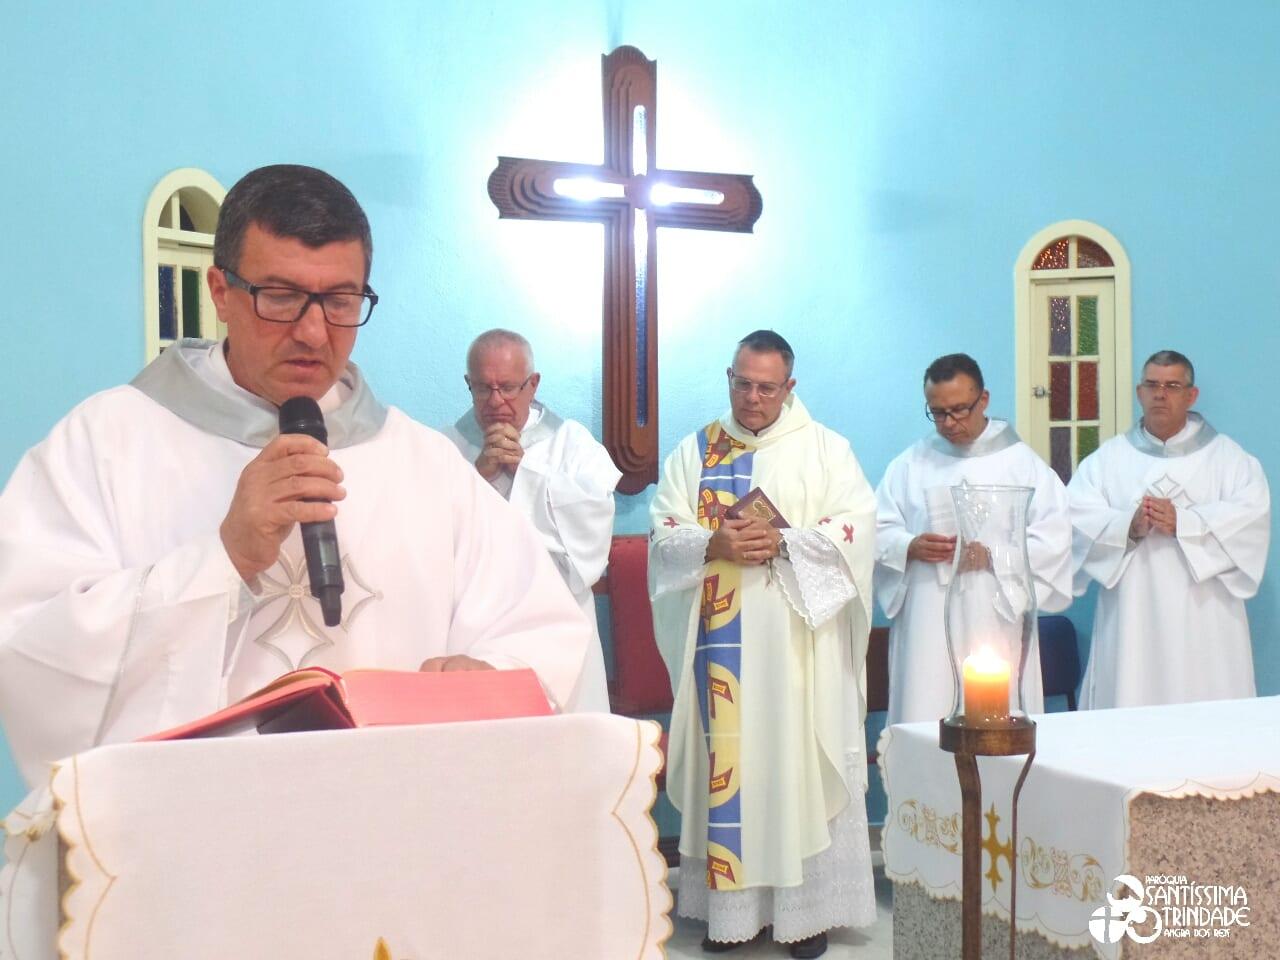 Ofício Solene de São João Batista – Quermesse Paroquial – 26 Jun 2018 – Água Santa